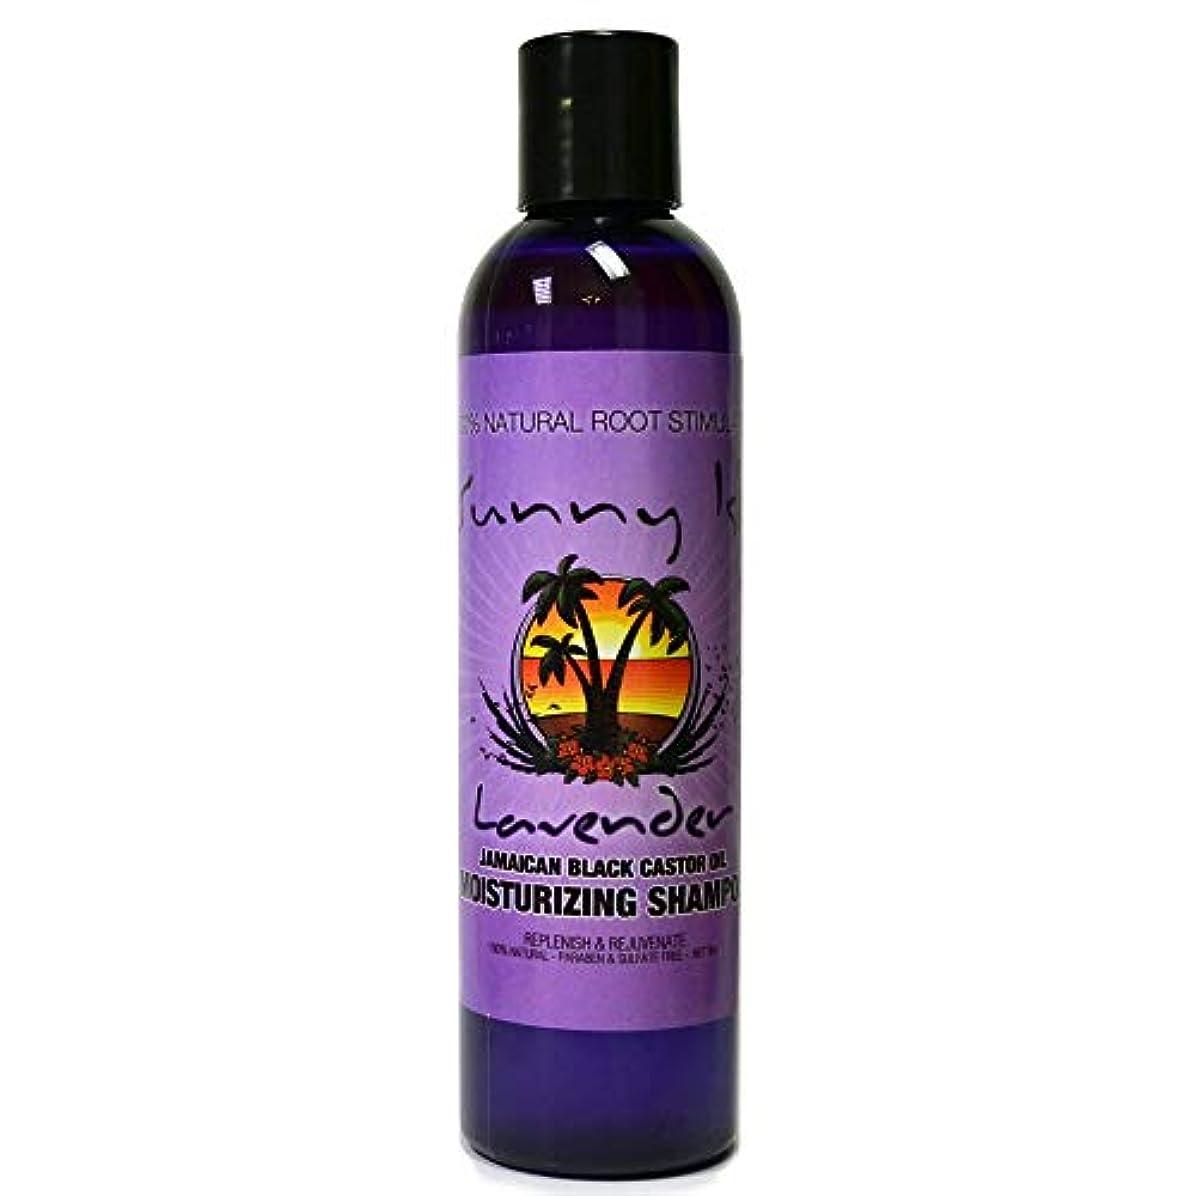 アラバマビタミンコークスSunny Isle Jamaican Black Castor Oil サニー島 - ジャマイカブラックヒマシ油モイスチャライジングコンディショナーラベンダー - 8オンスクリアランス価格 8オンス